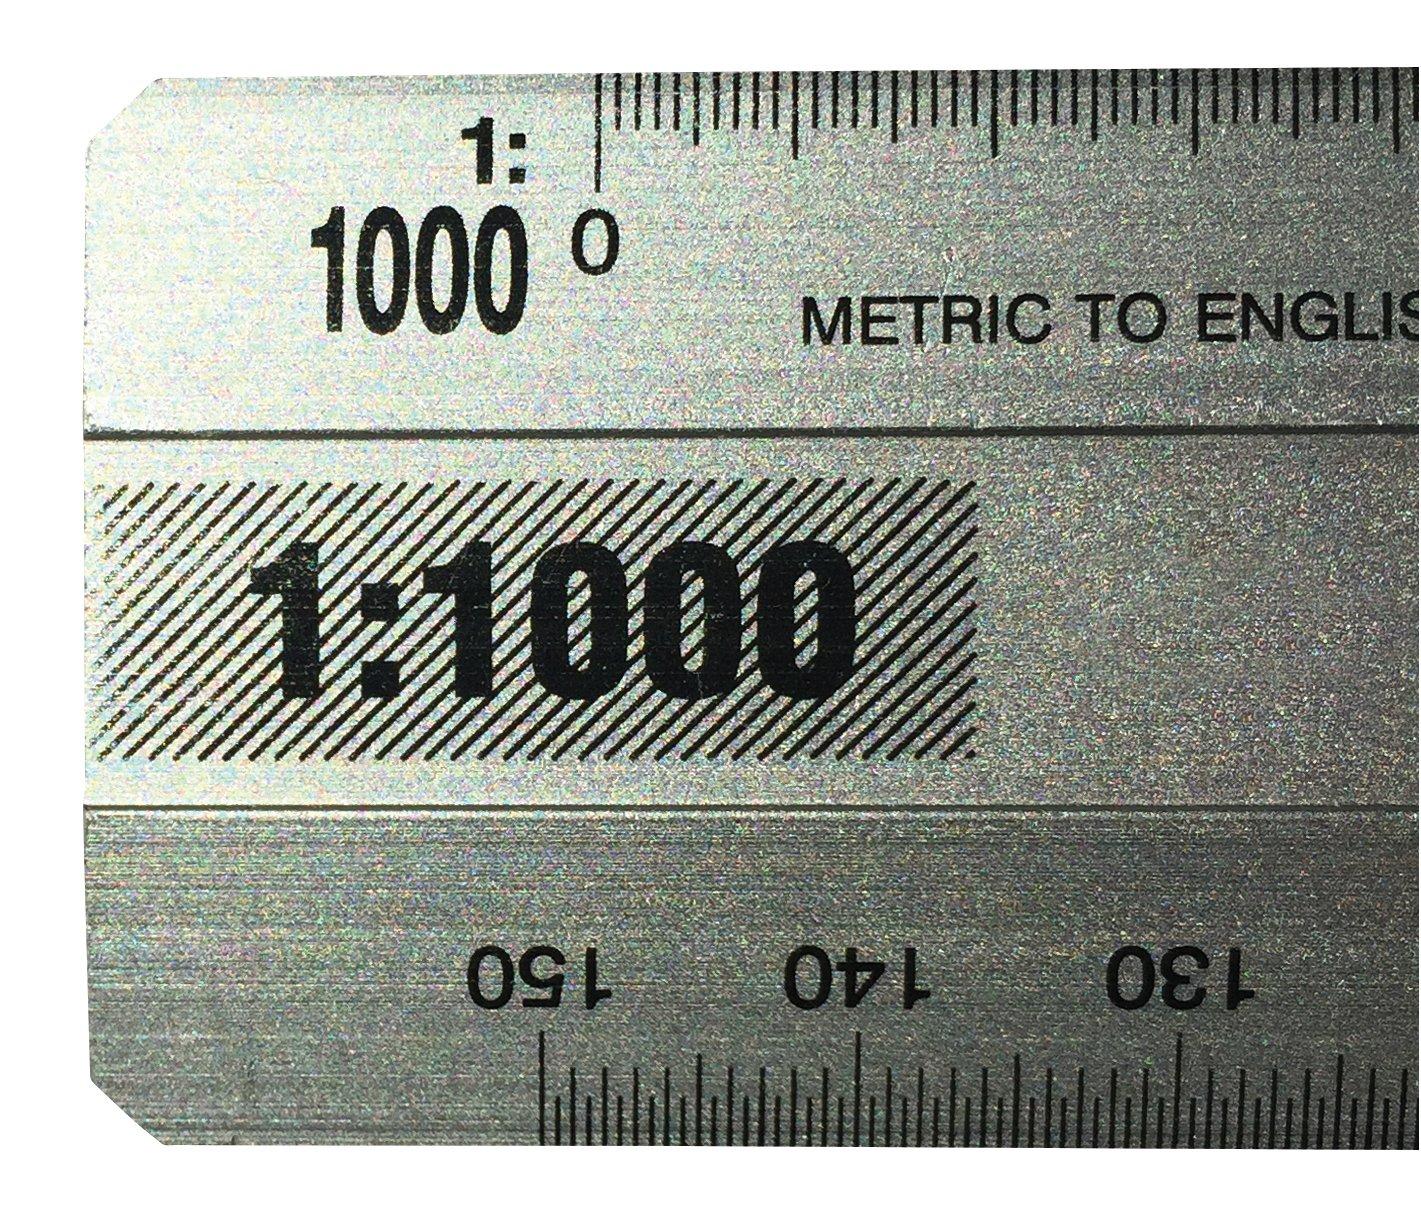 Alvin Office Essentials Triangular Scale (764PM)